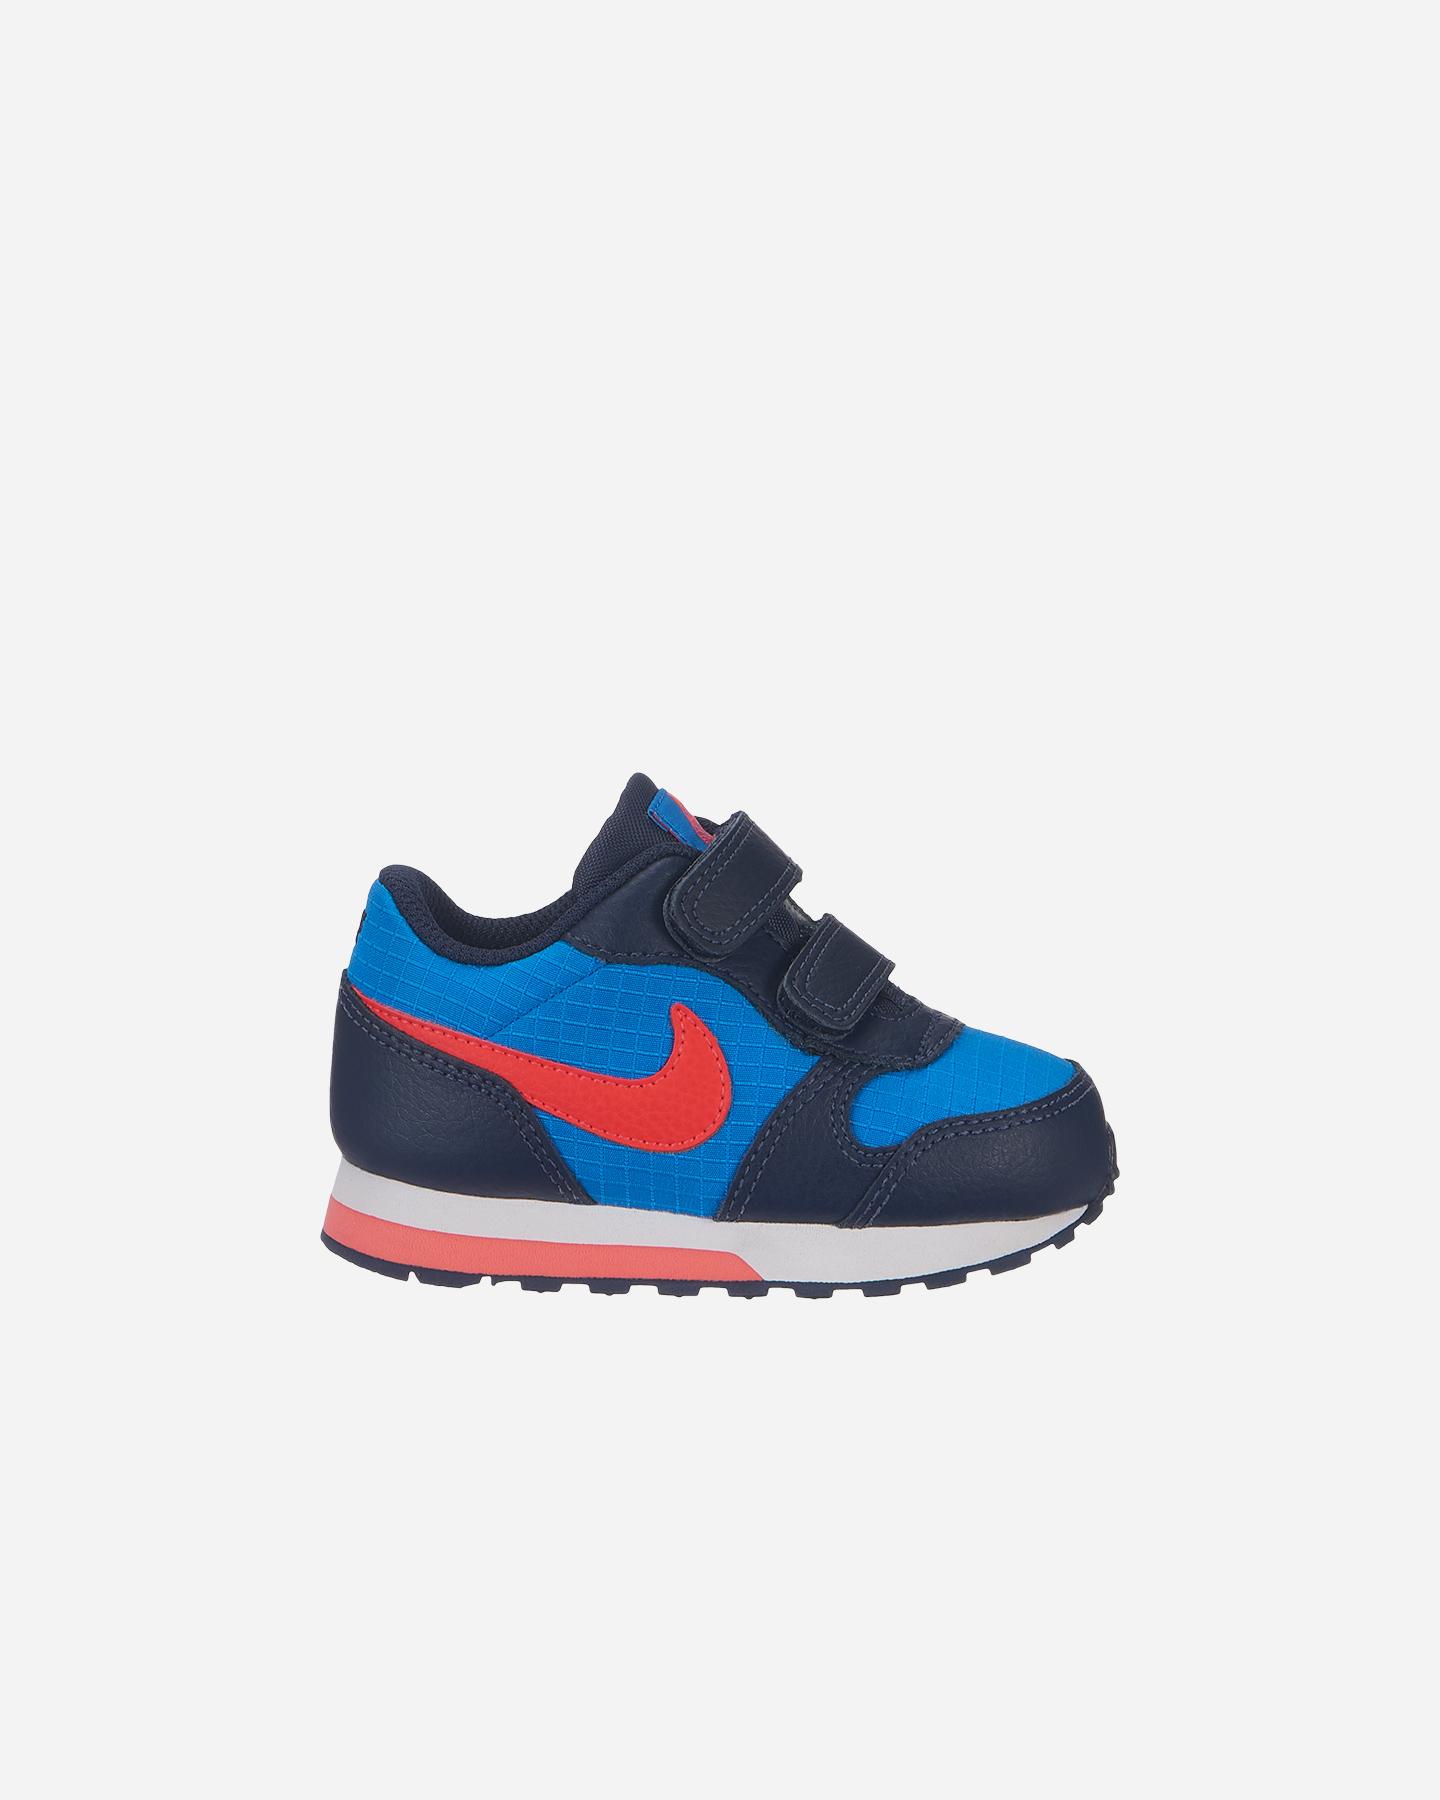 scarpe ginnastica bambino 26 nike